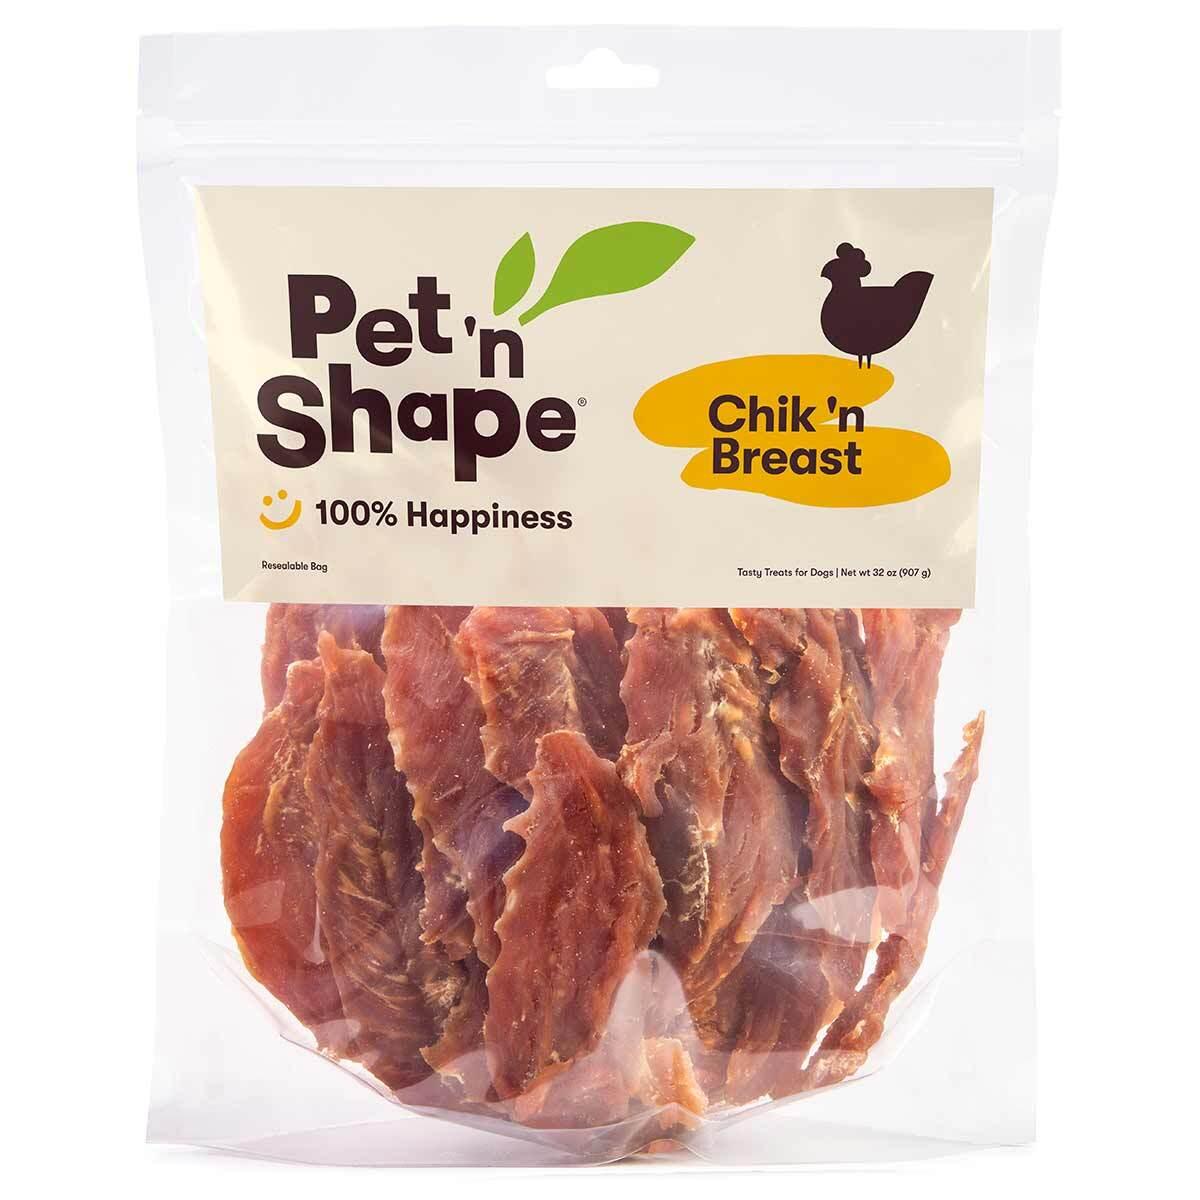 Pet 'n Shape Chik 'n Breast 32 oz Chicken Jerky Treats for dogs